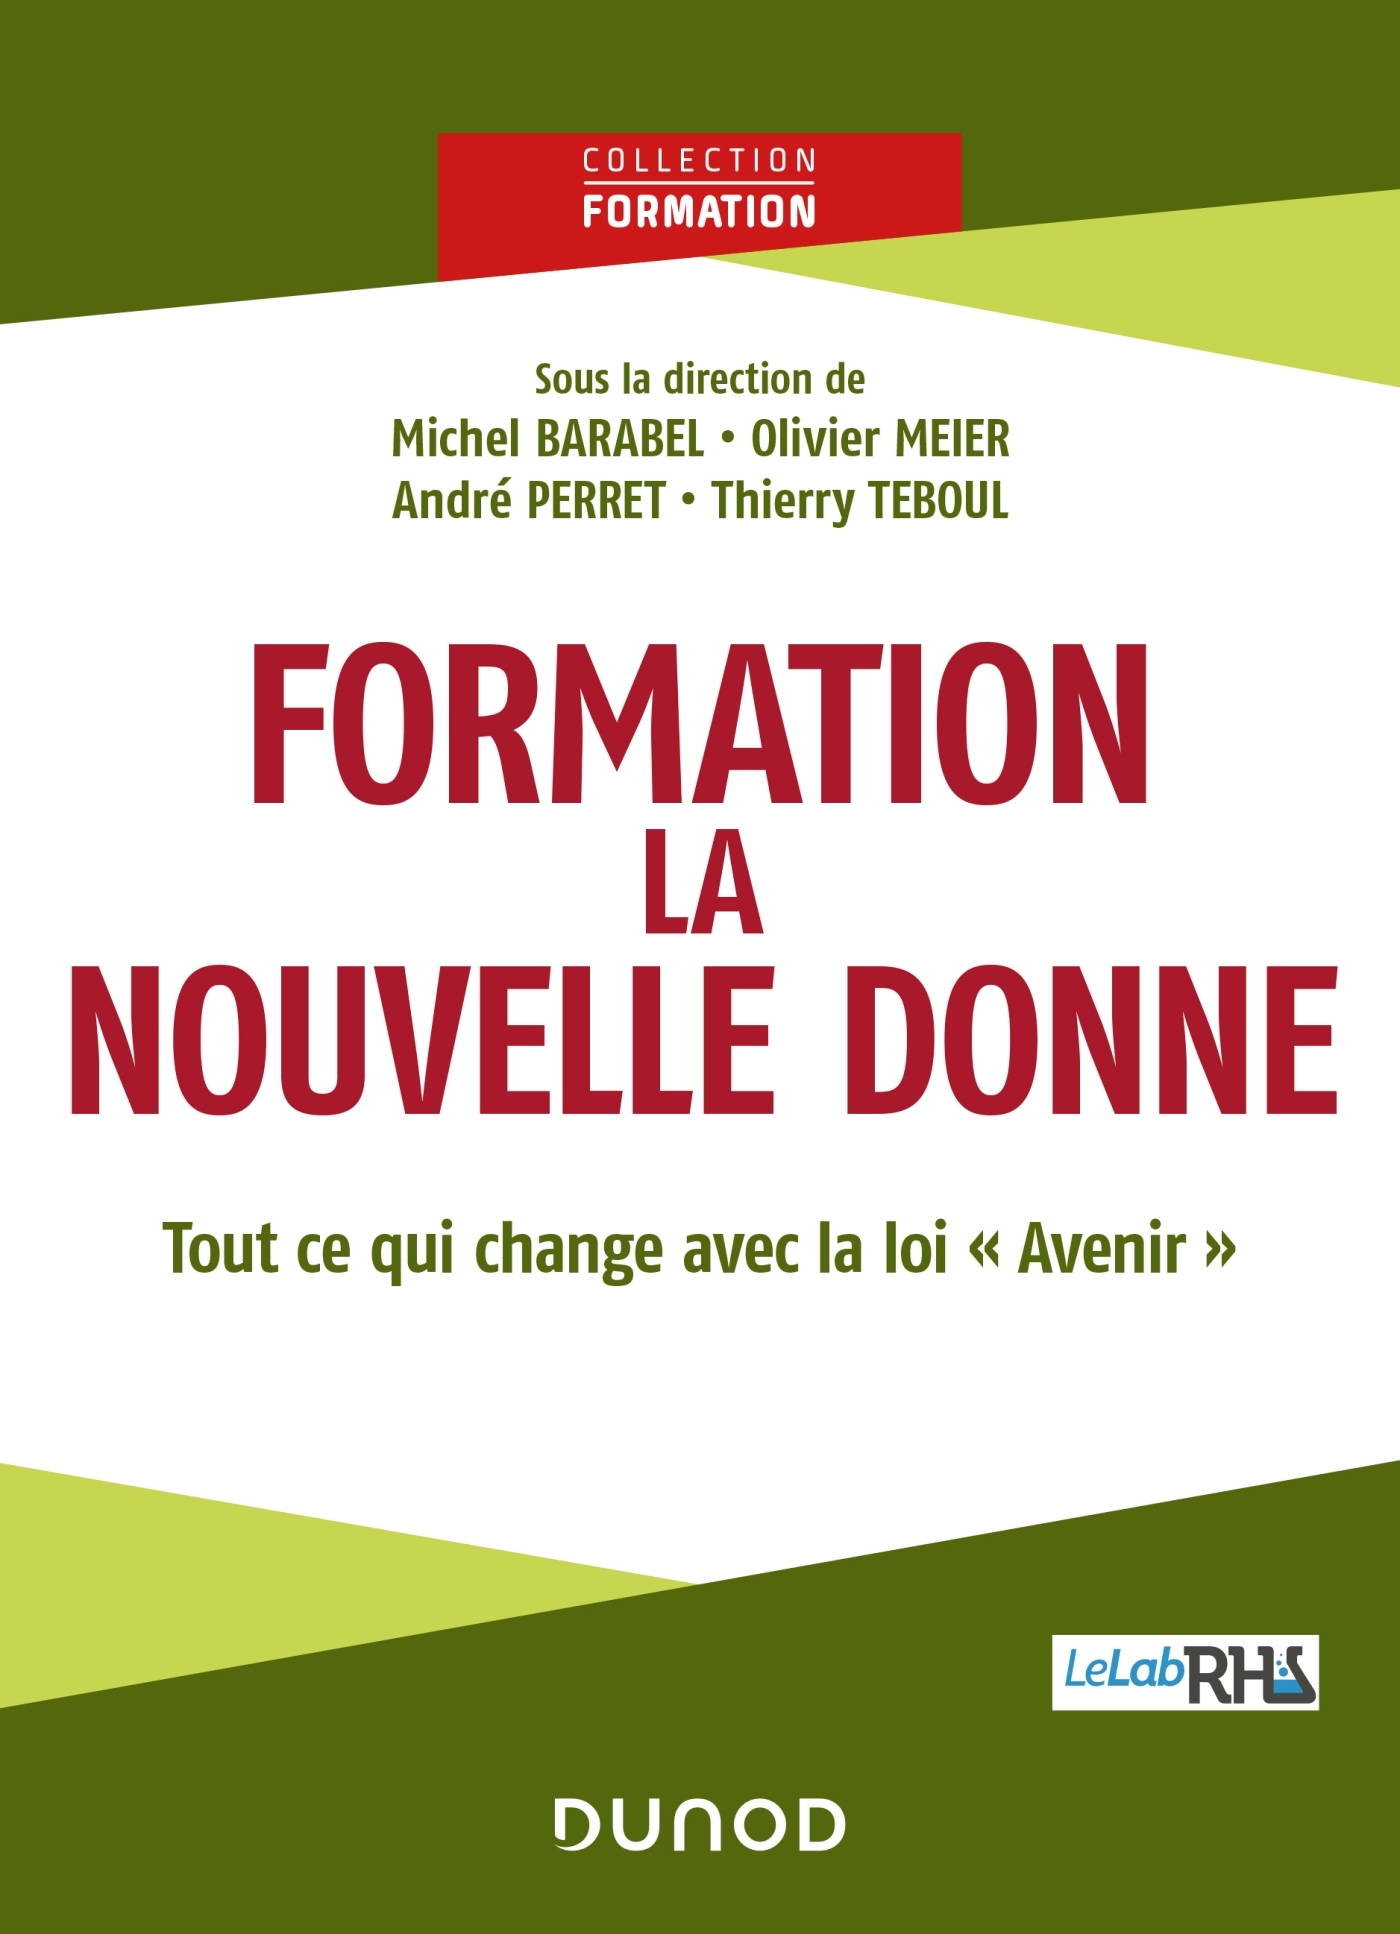 """FORMATION : LA NOUVELLE DONNE - TOUT CE QUI CHANGE AVEC LA LOI """"AVENIR"""""""